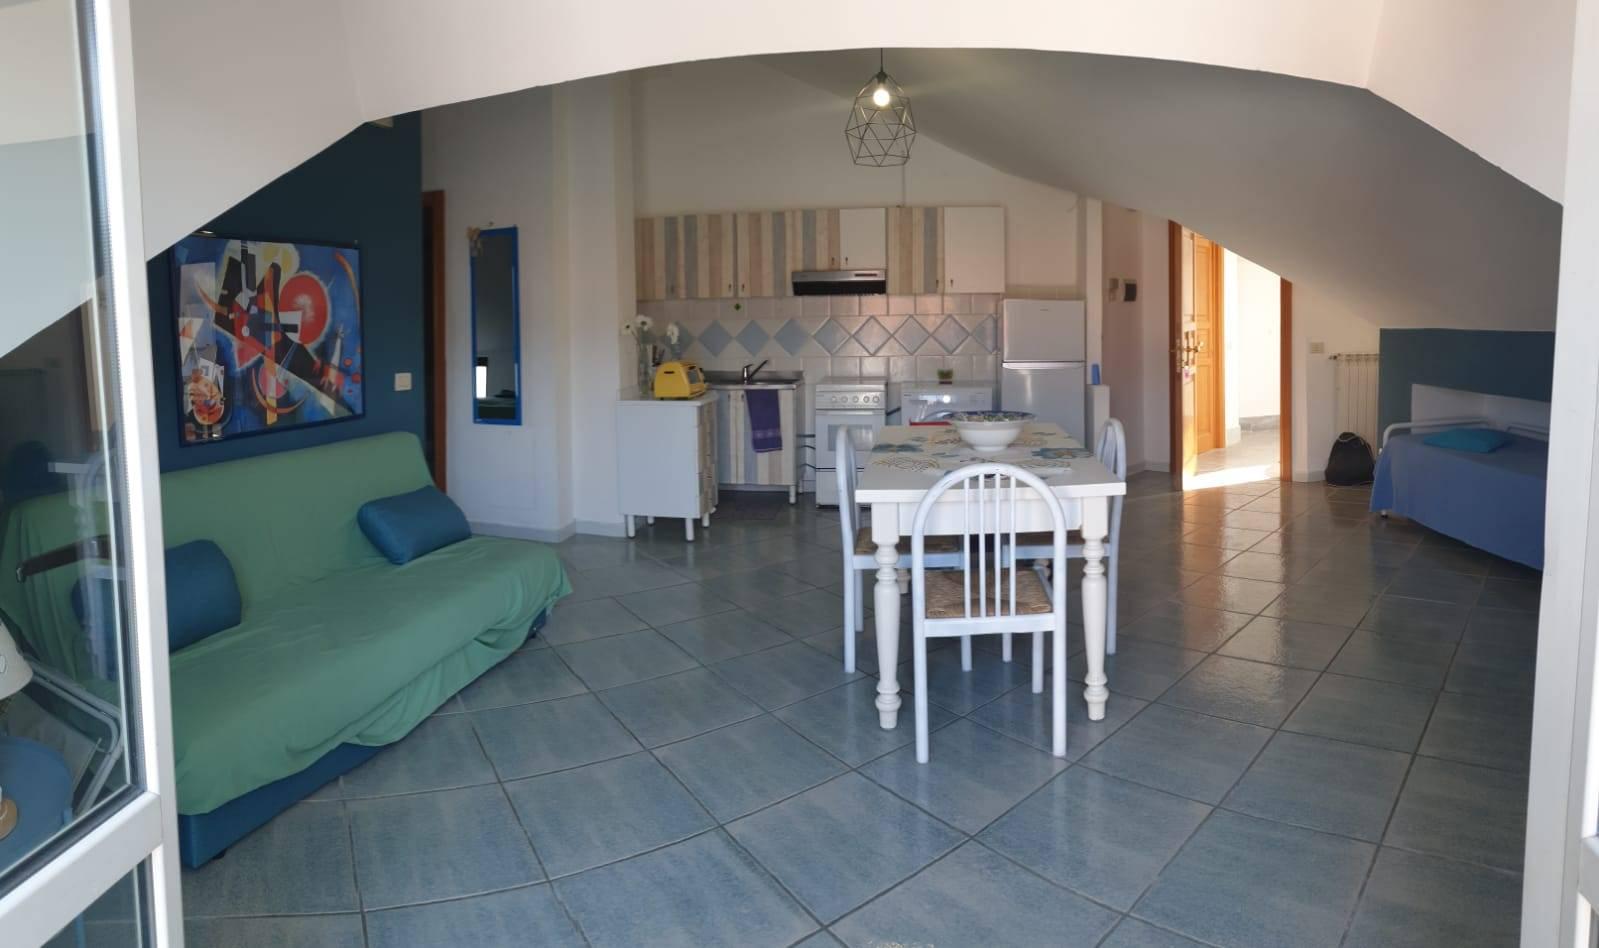 Appartamento in vendita a Castellabate, 3 locali, zona Località: S.aMaria, prezzo € 100.000 | CambioCasa.it